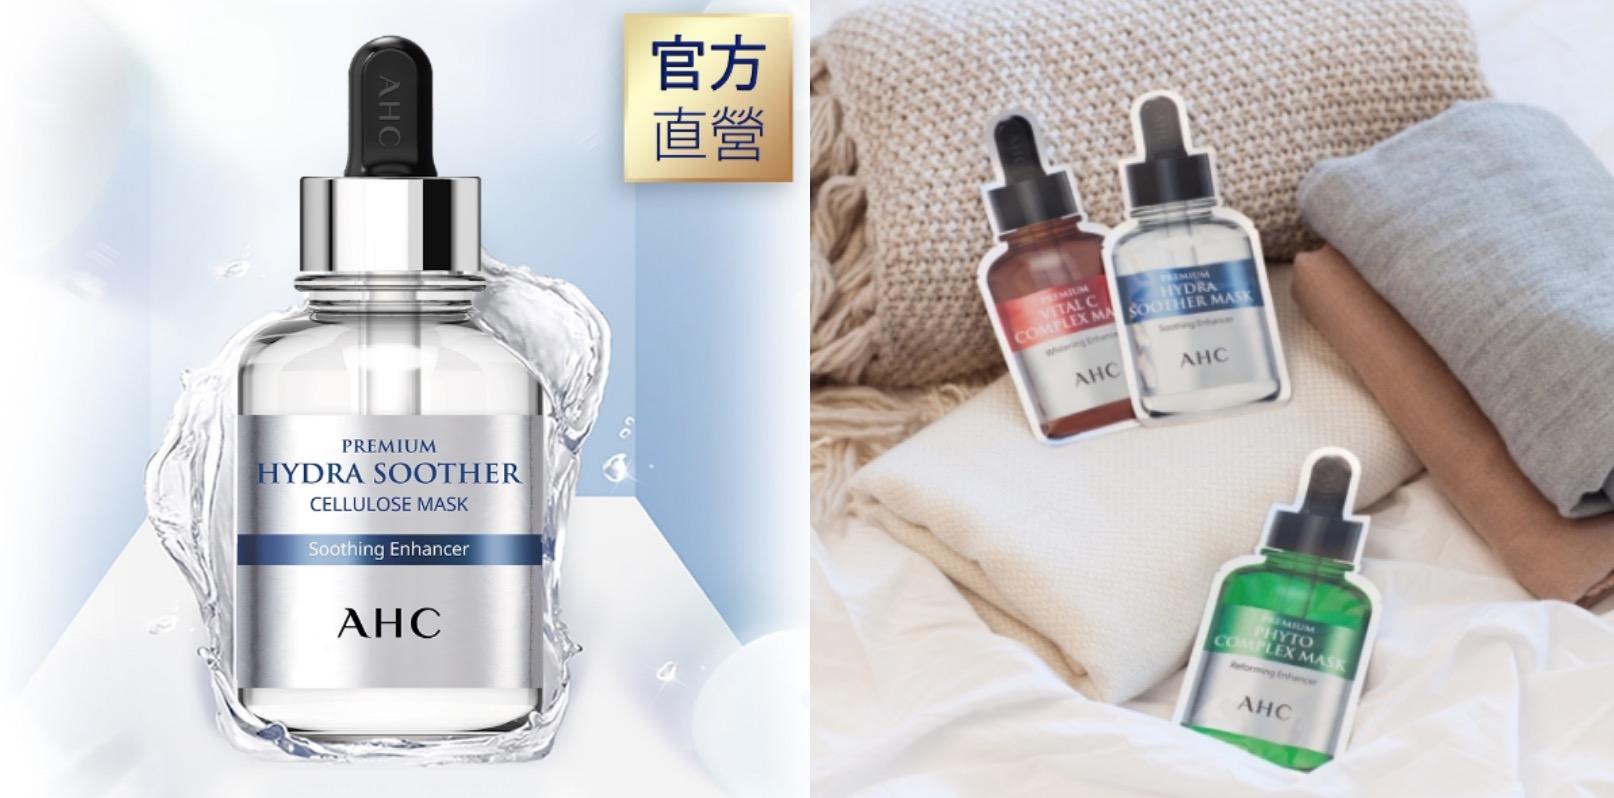 添加保濕精華成分能迅速滲透肌底,打造彈嫩、健康的肌膚。敷一張面膜等於肌膚吸收一整瓶安瓶精華,連敏感肌也適用。